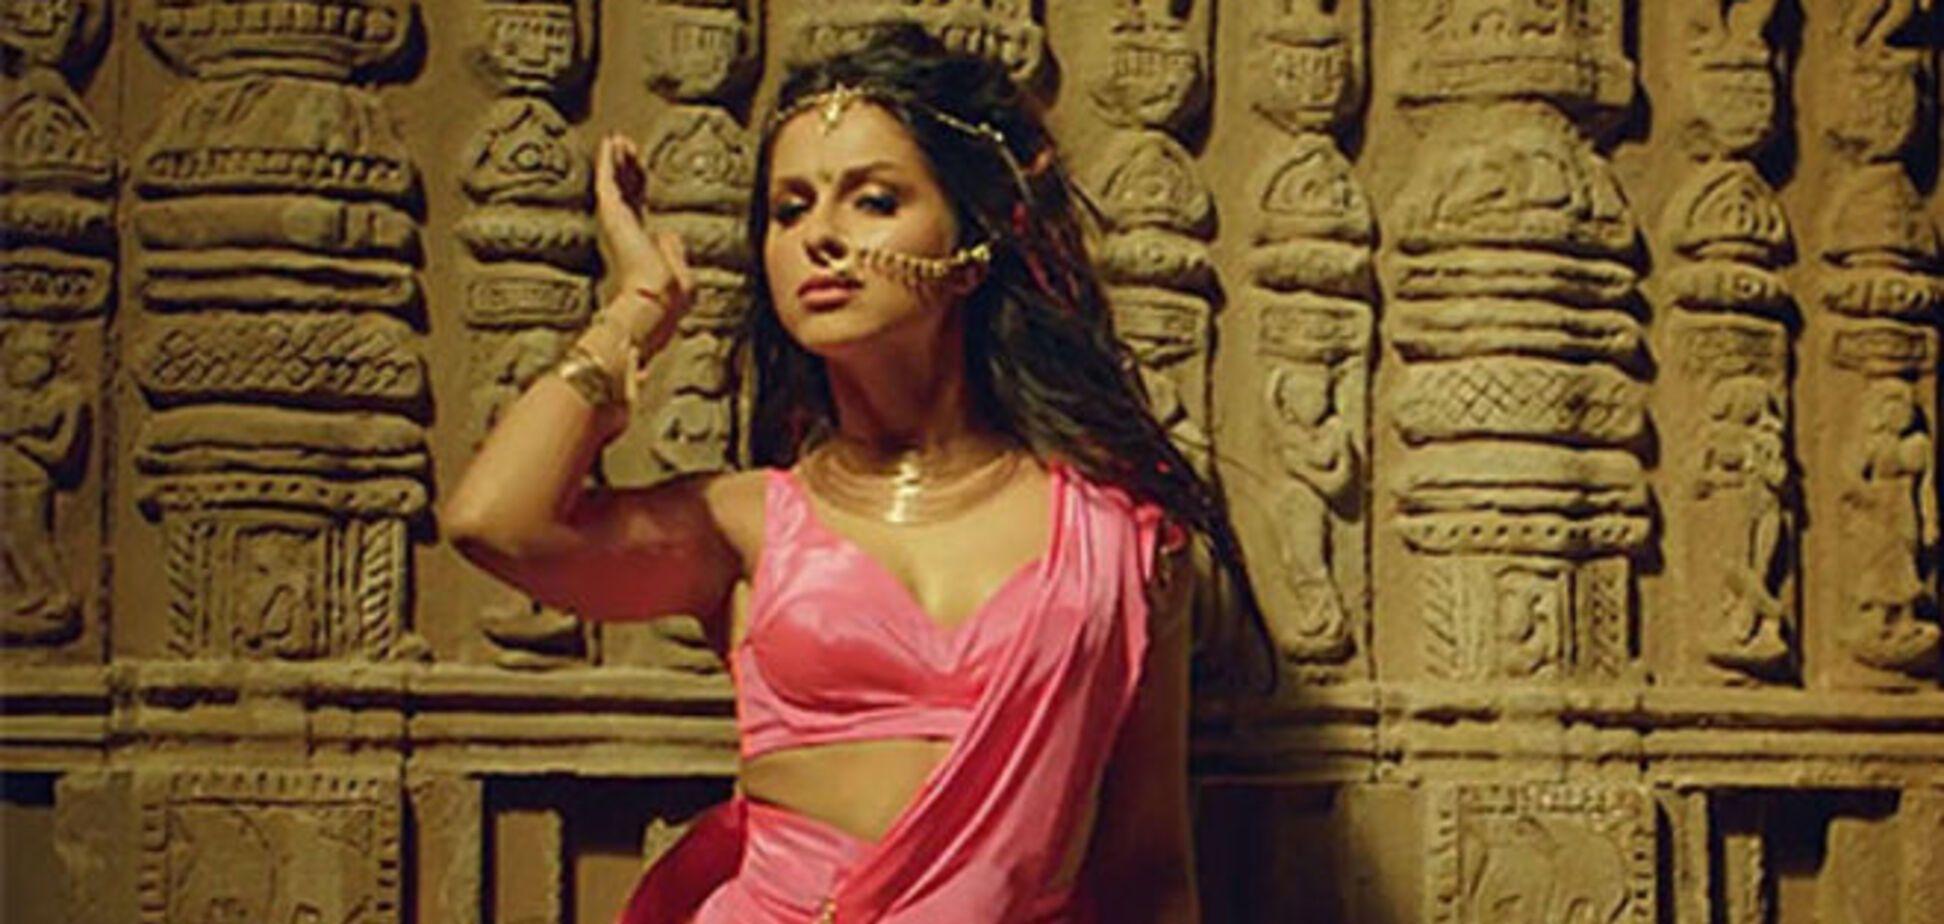 Нюша погрузилась в пьянящий мир индийских страстей